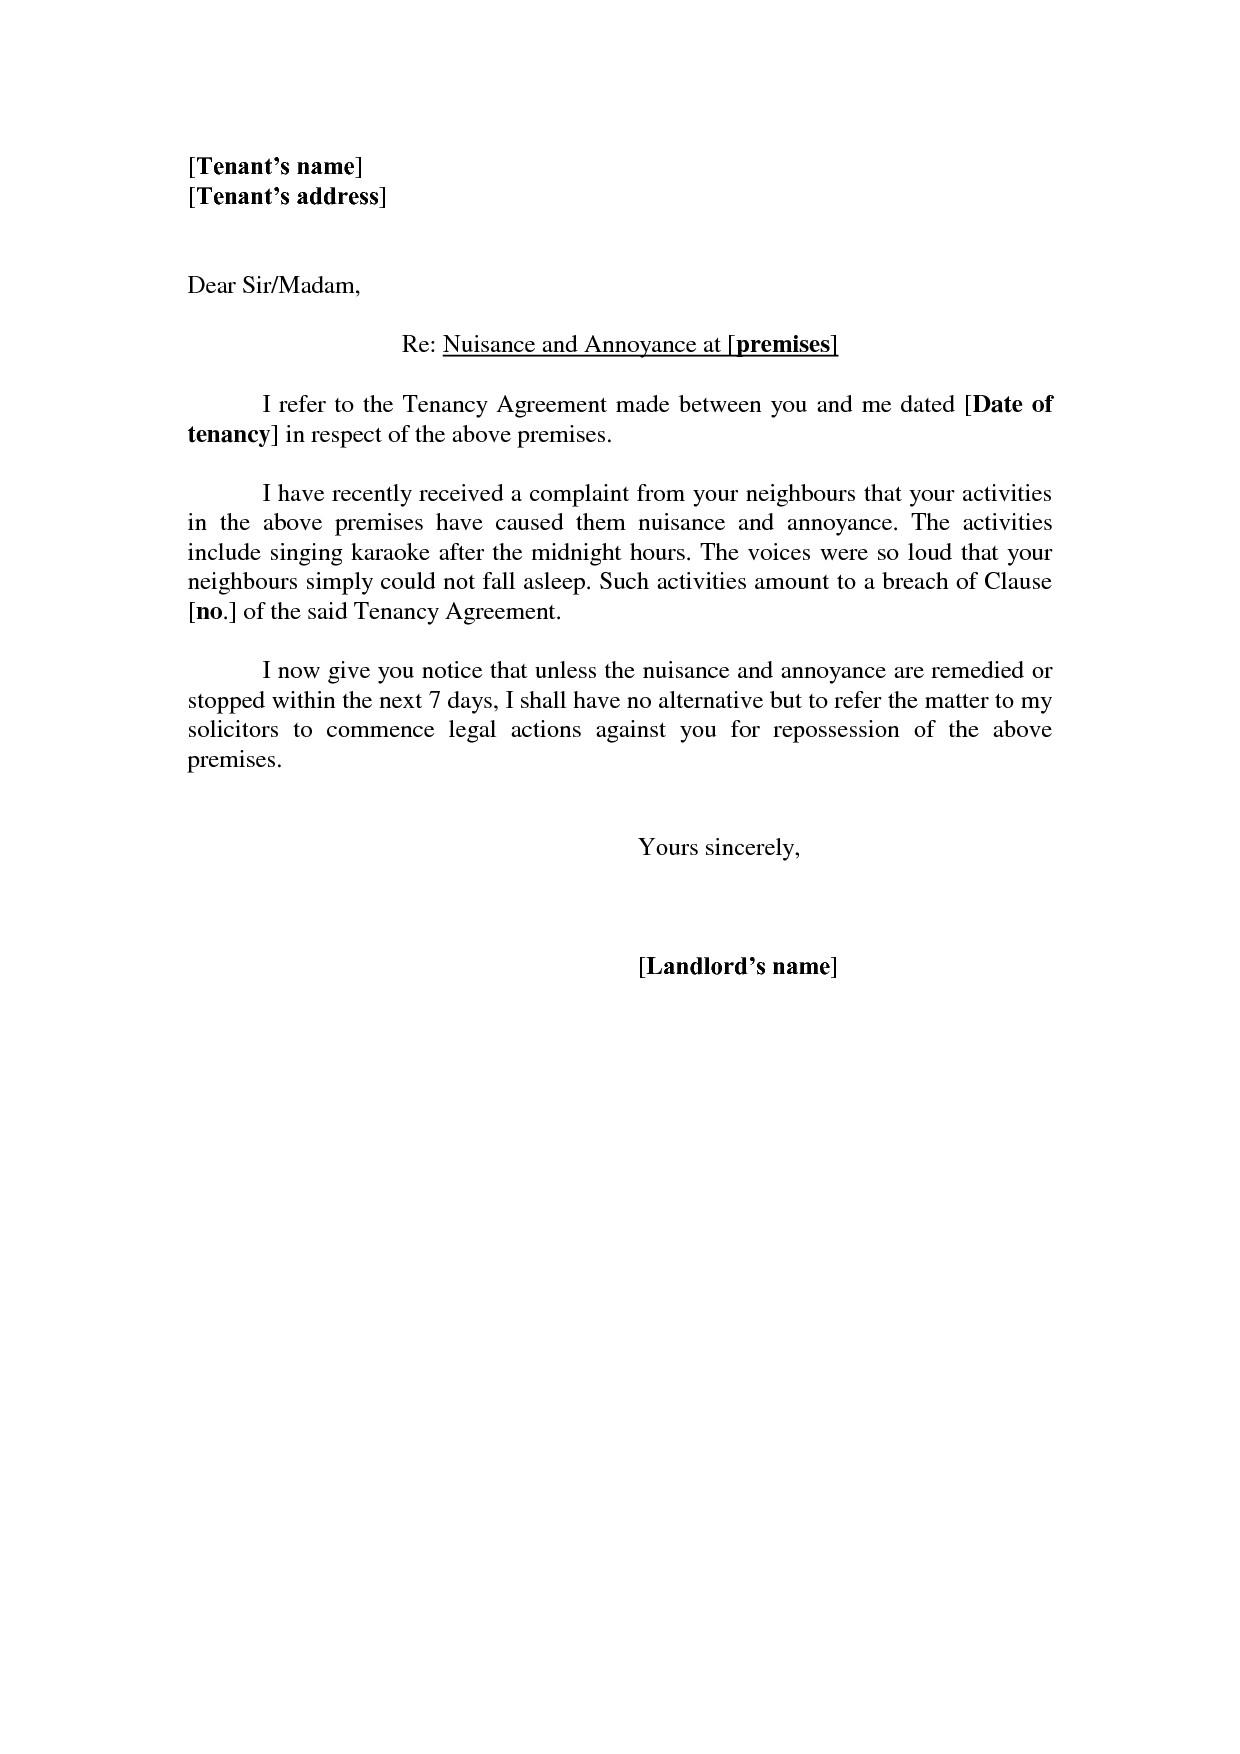 Neighbour Complaint Letter Template - Plaint Letter format for Bad Behaviour Valid Noise Plaint Letter